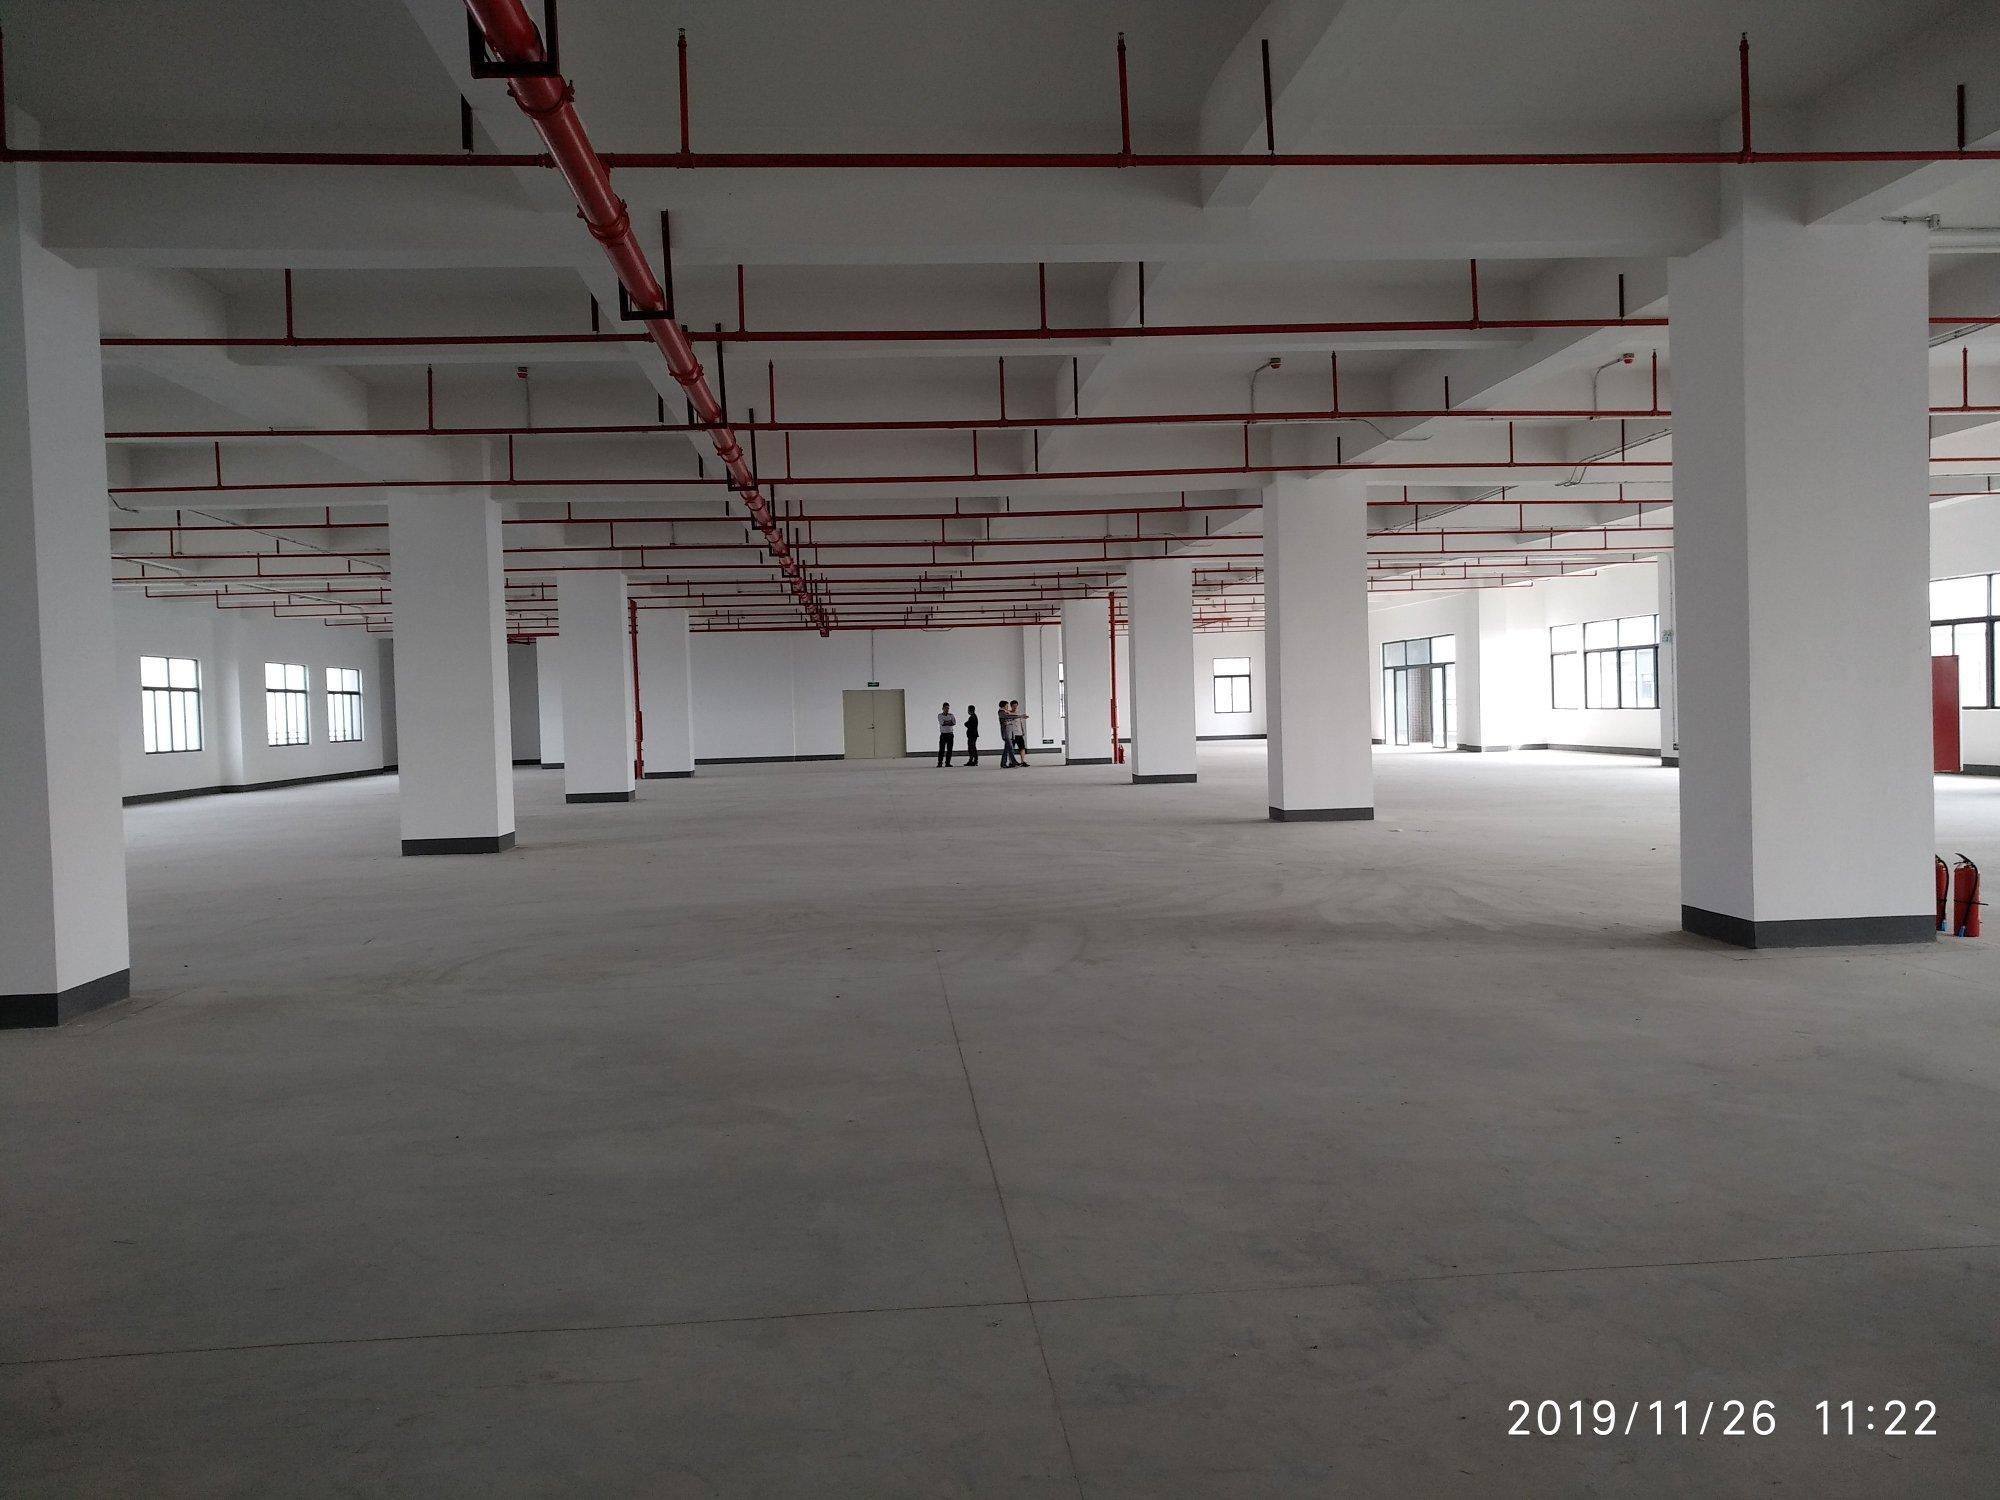 虎门镇全新电商仓库重工厂房3000平米/层出租